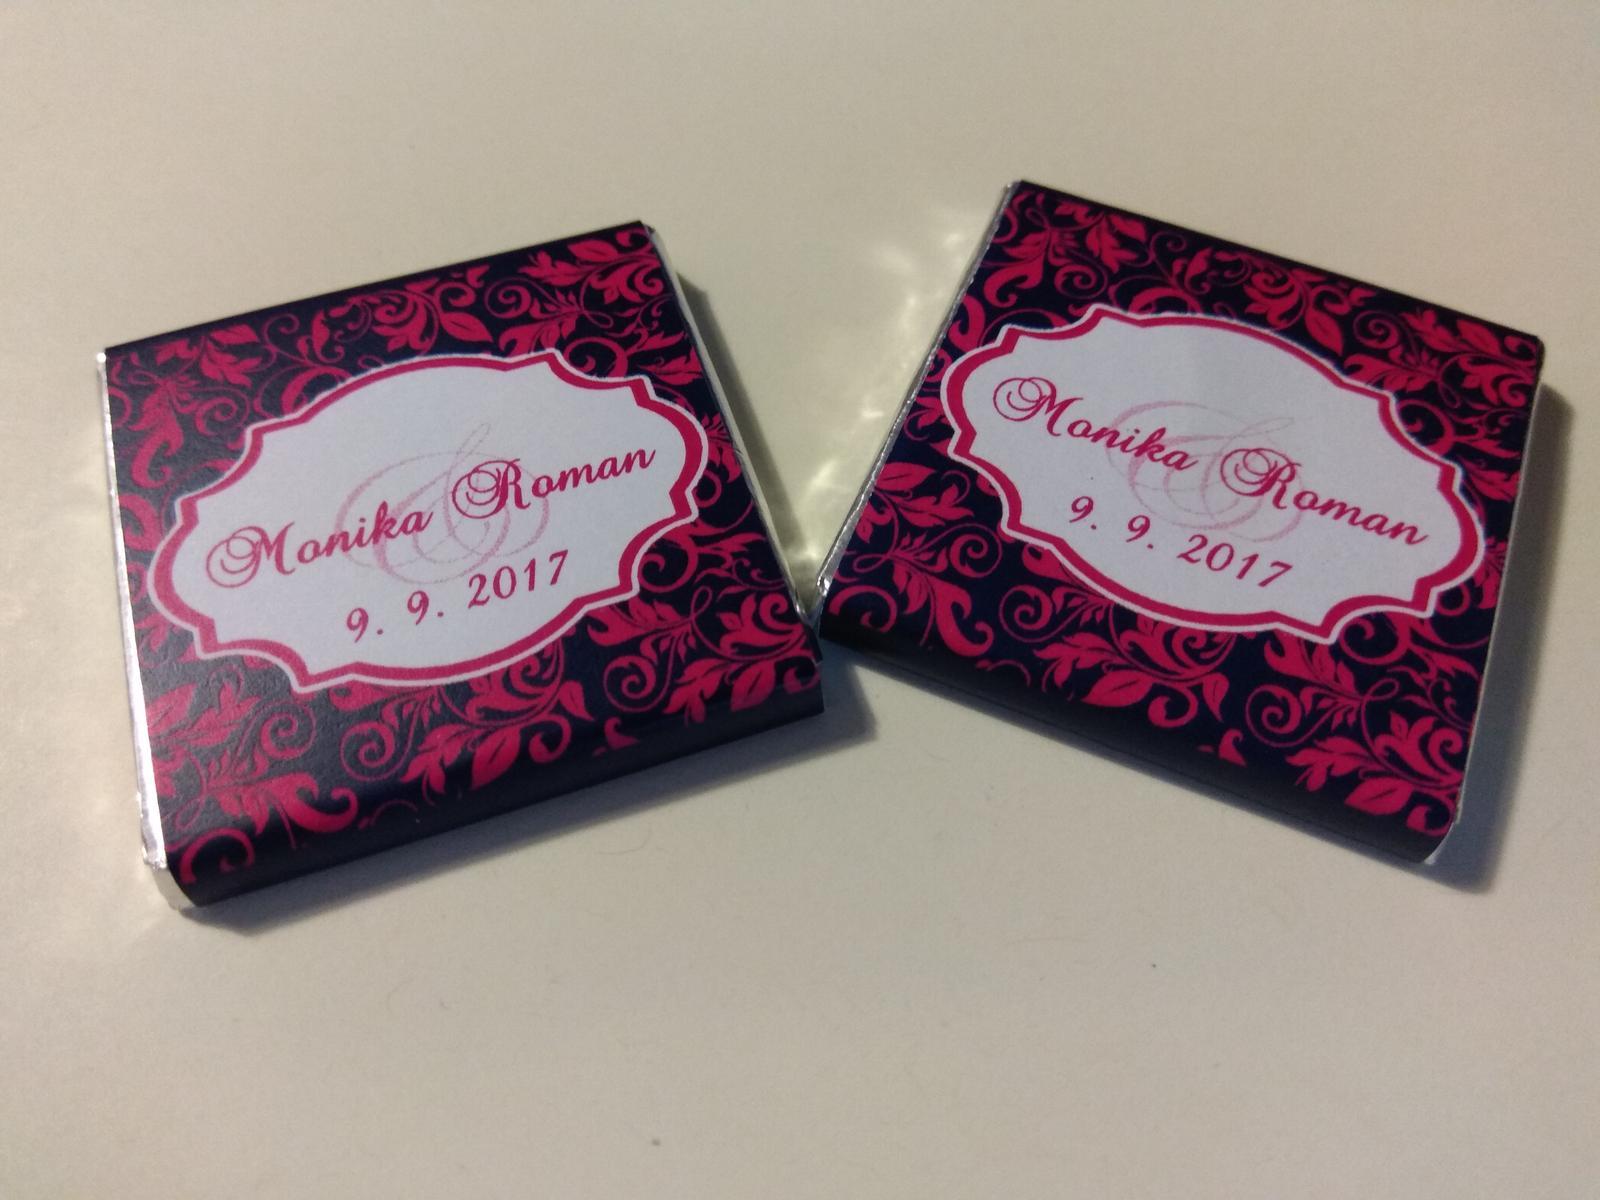 Přípravy na náš velký den D. - Svatební čokoládky